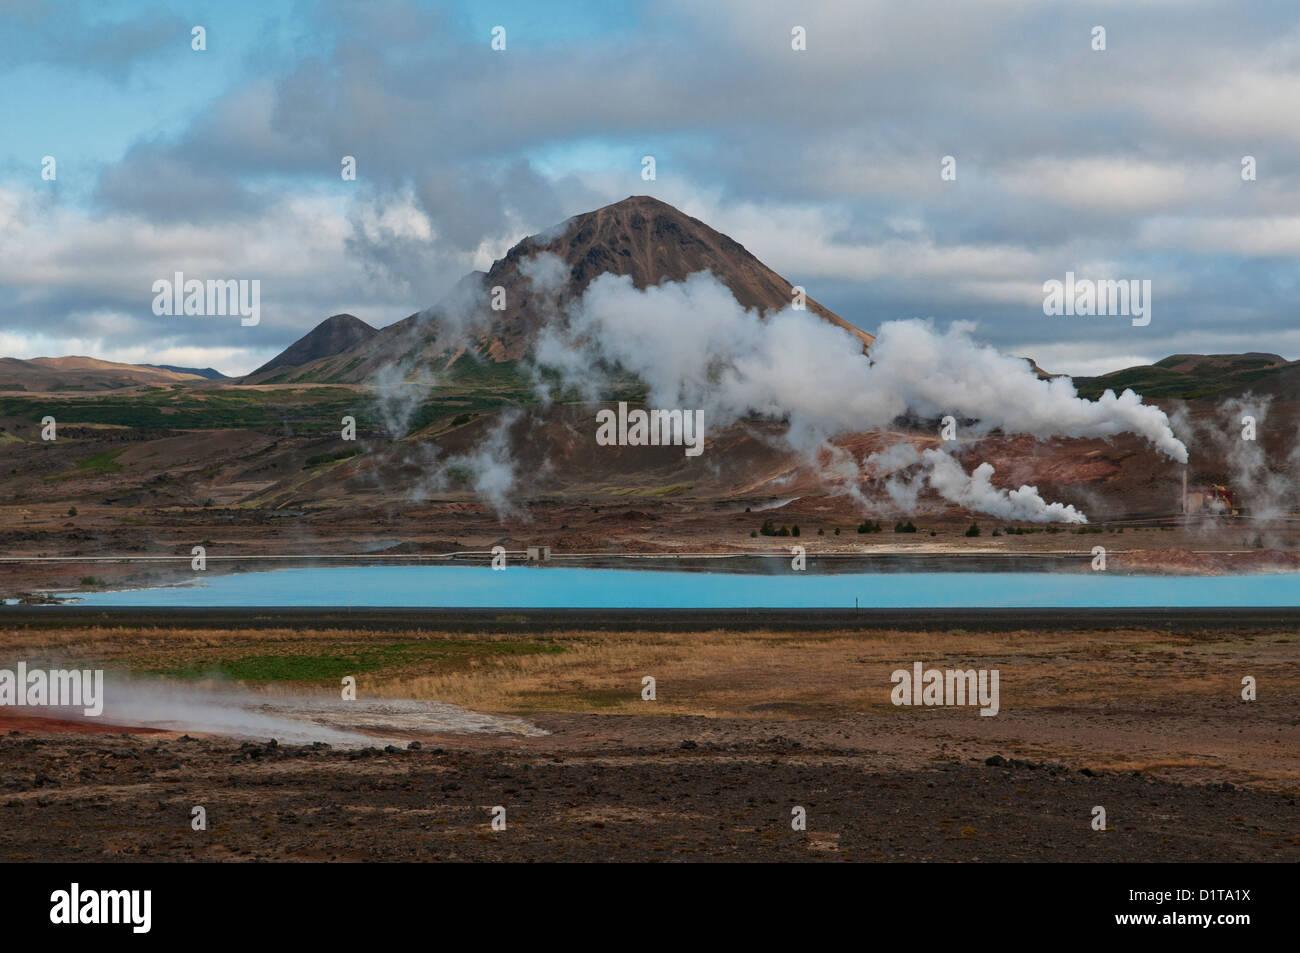 L'énergie géothermique et paysage volcanique près du lac Mývatn, en Islande Photo Stock